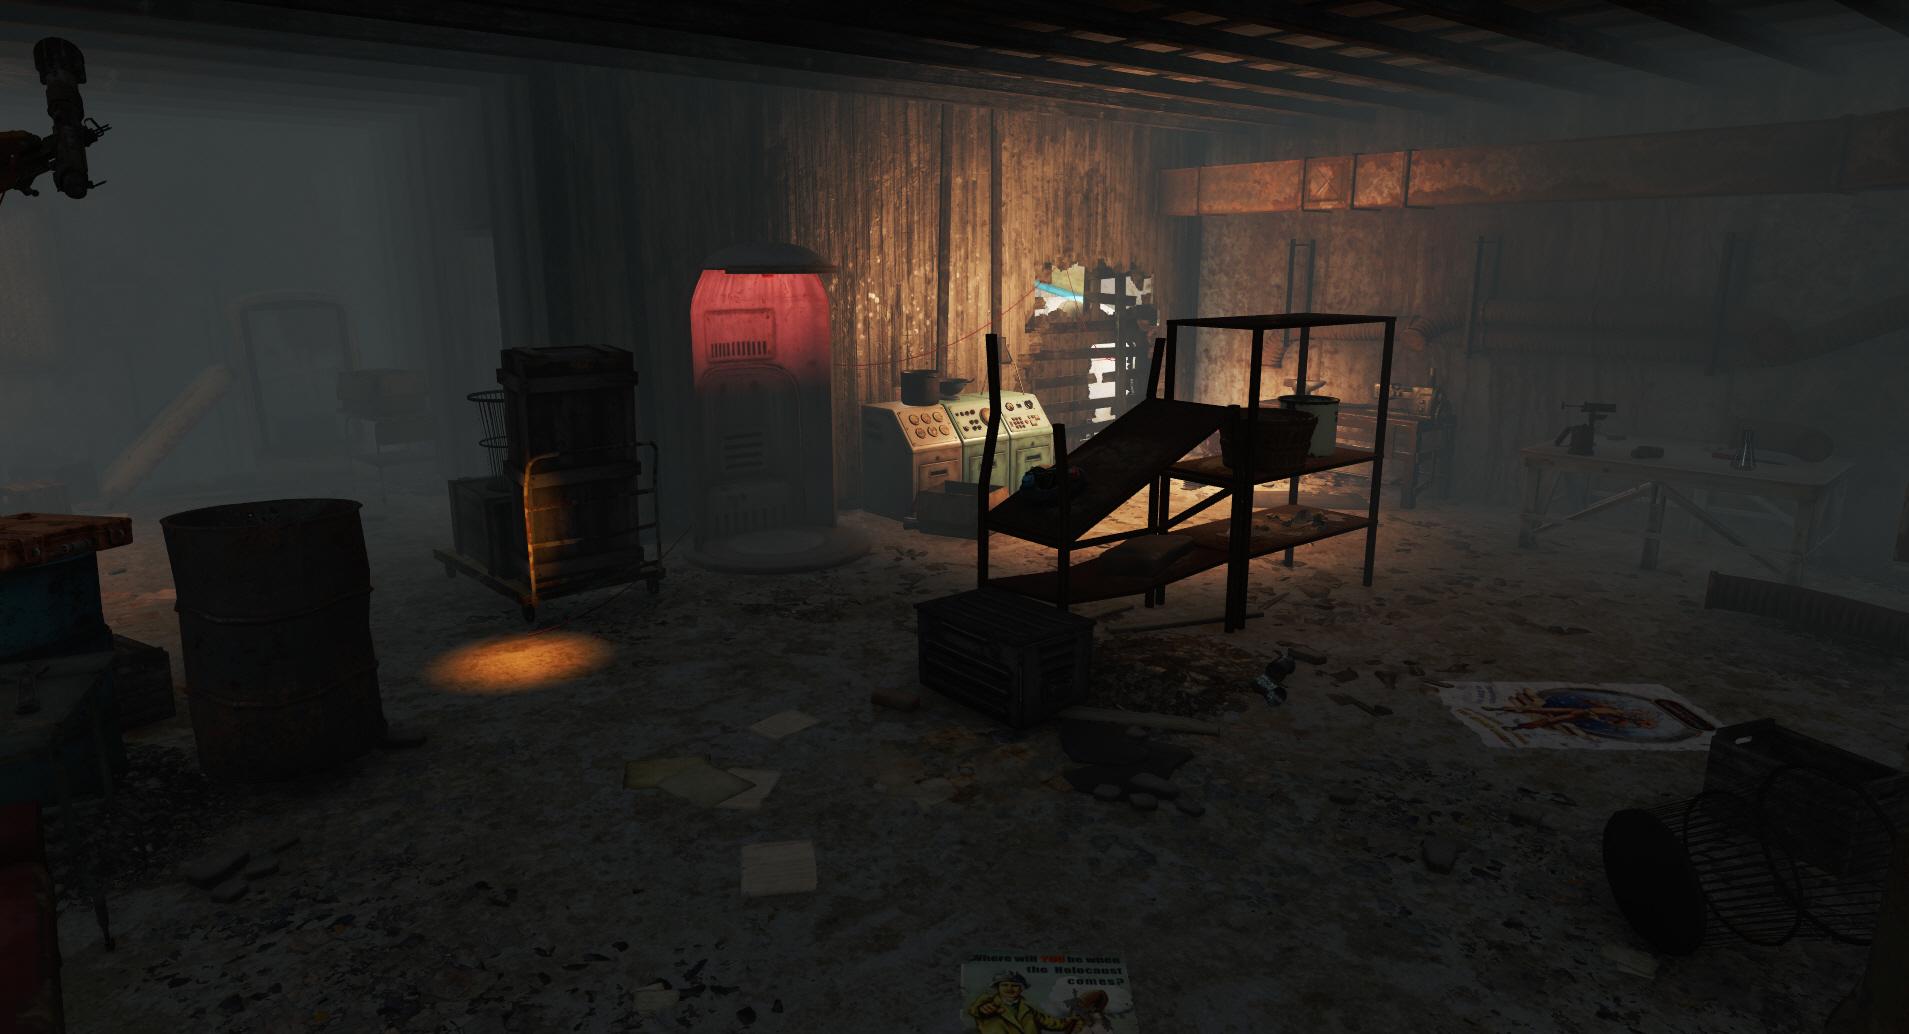 ElectricalHobbyistClub-Cellar-Fallout4